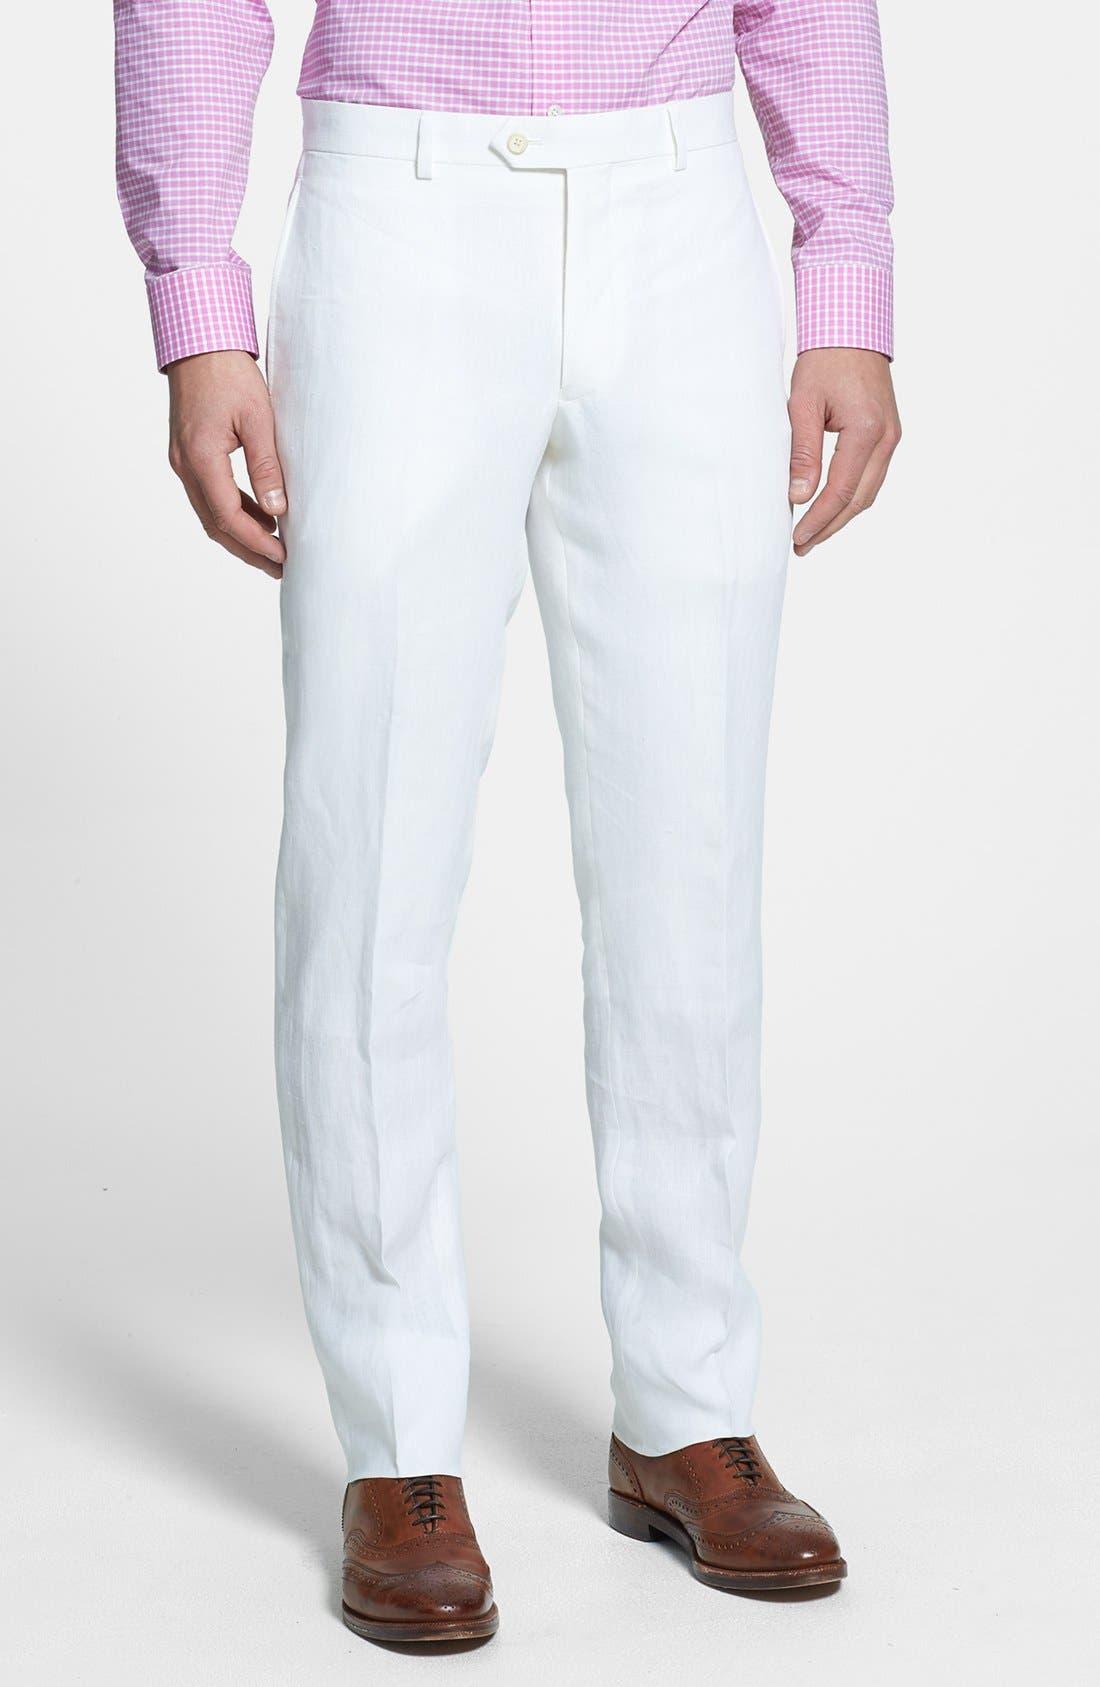 NORDSTROM MEN'S SHOP, Flat Front Slim Leg Linen Trousers, Main thumbnail 1, color, 100